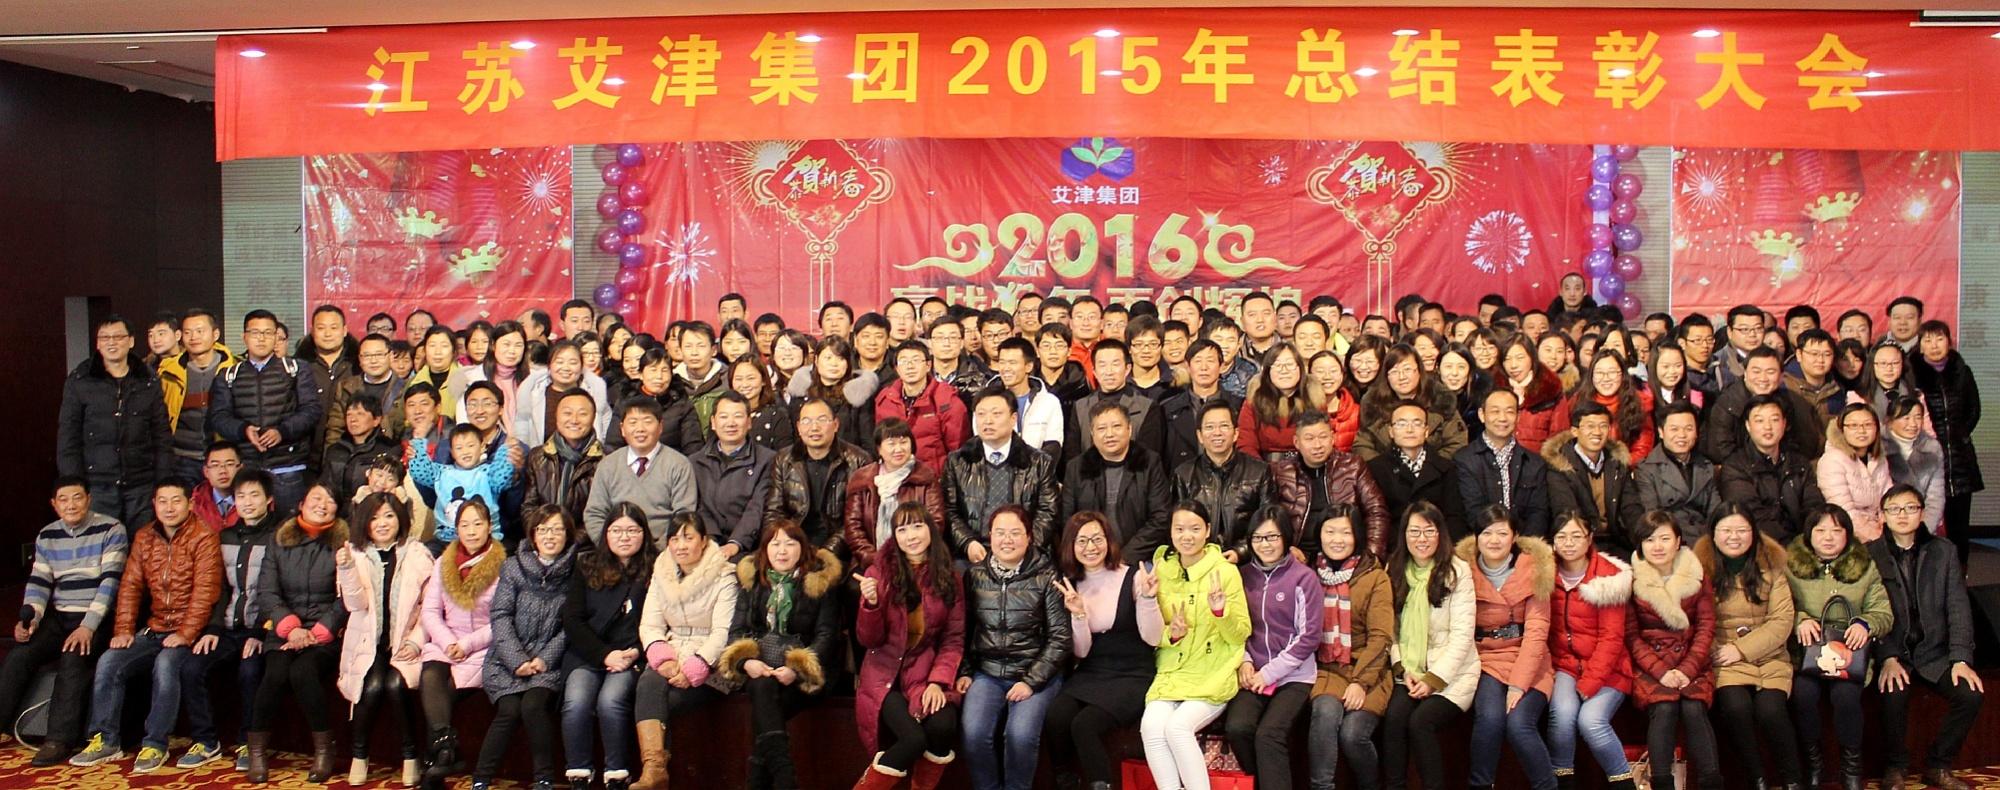 江苏艾津集团2015年终大会合影